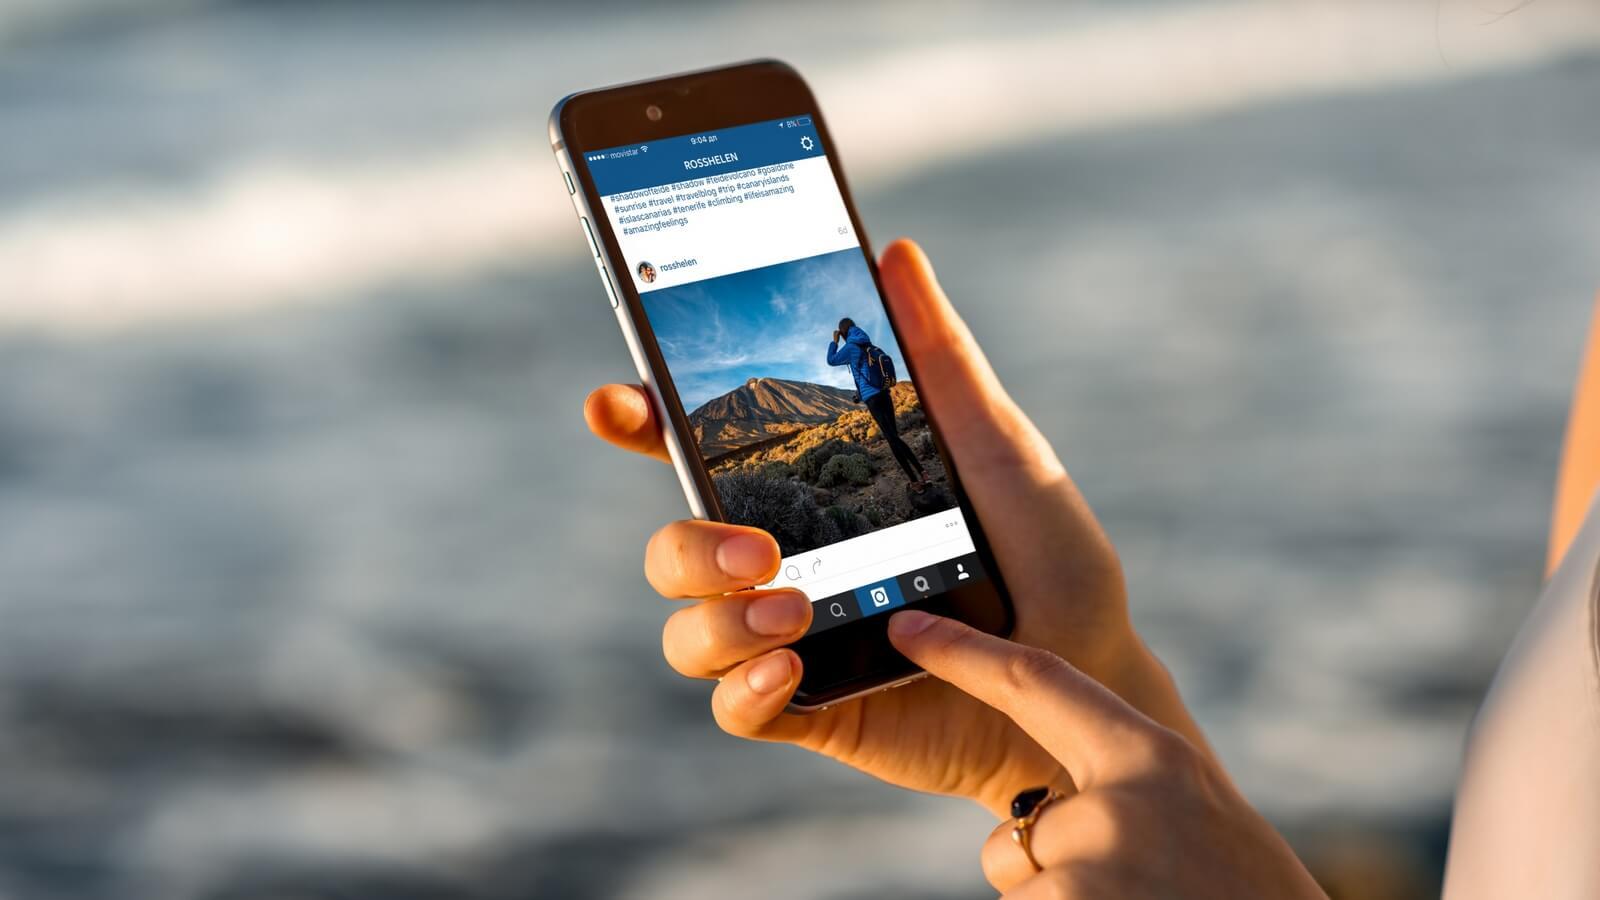 instagram-app-ios-iphone-mobile-photos-100643645-orig